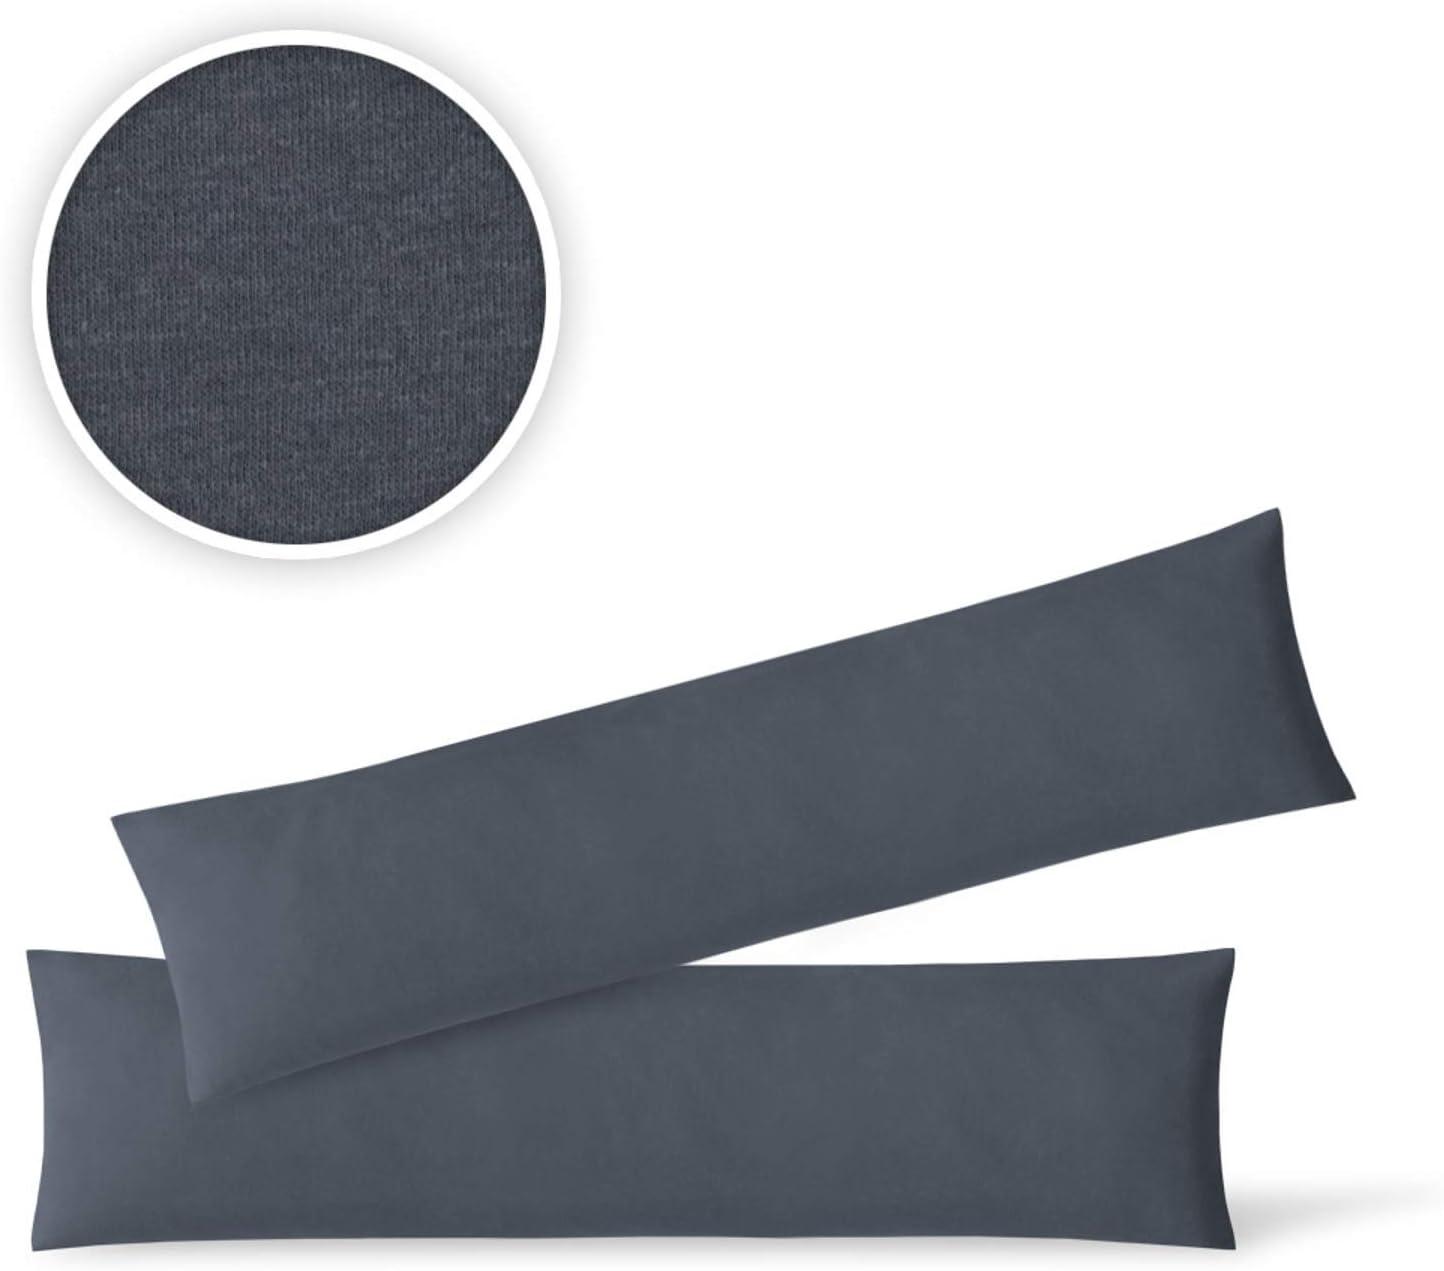 EXKLUSIV HEIMTEXTIL Federe per Cuscino in Jersey Confezione da 2 Pezzi con Cerniera di Alta qualit/à 40 x 145 cm Antracite